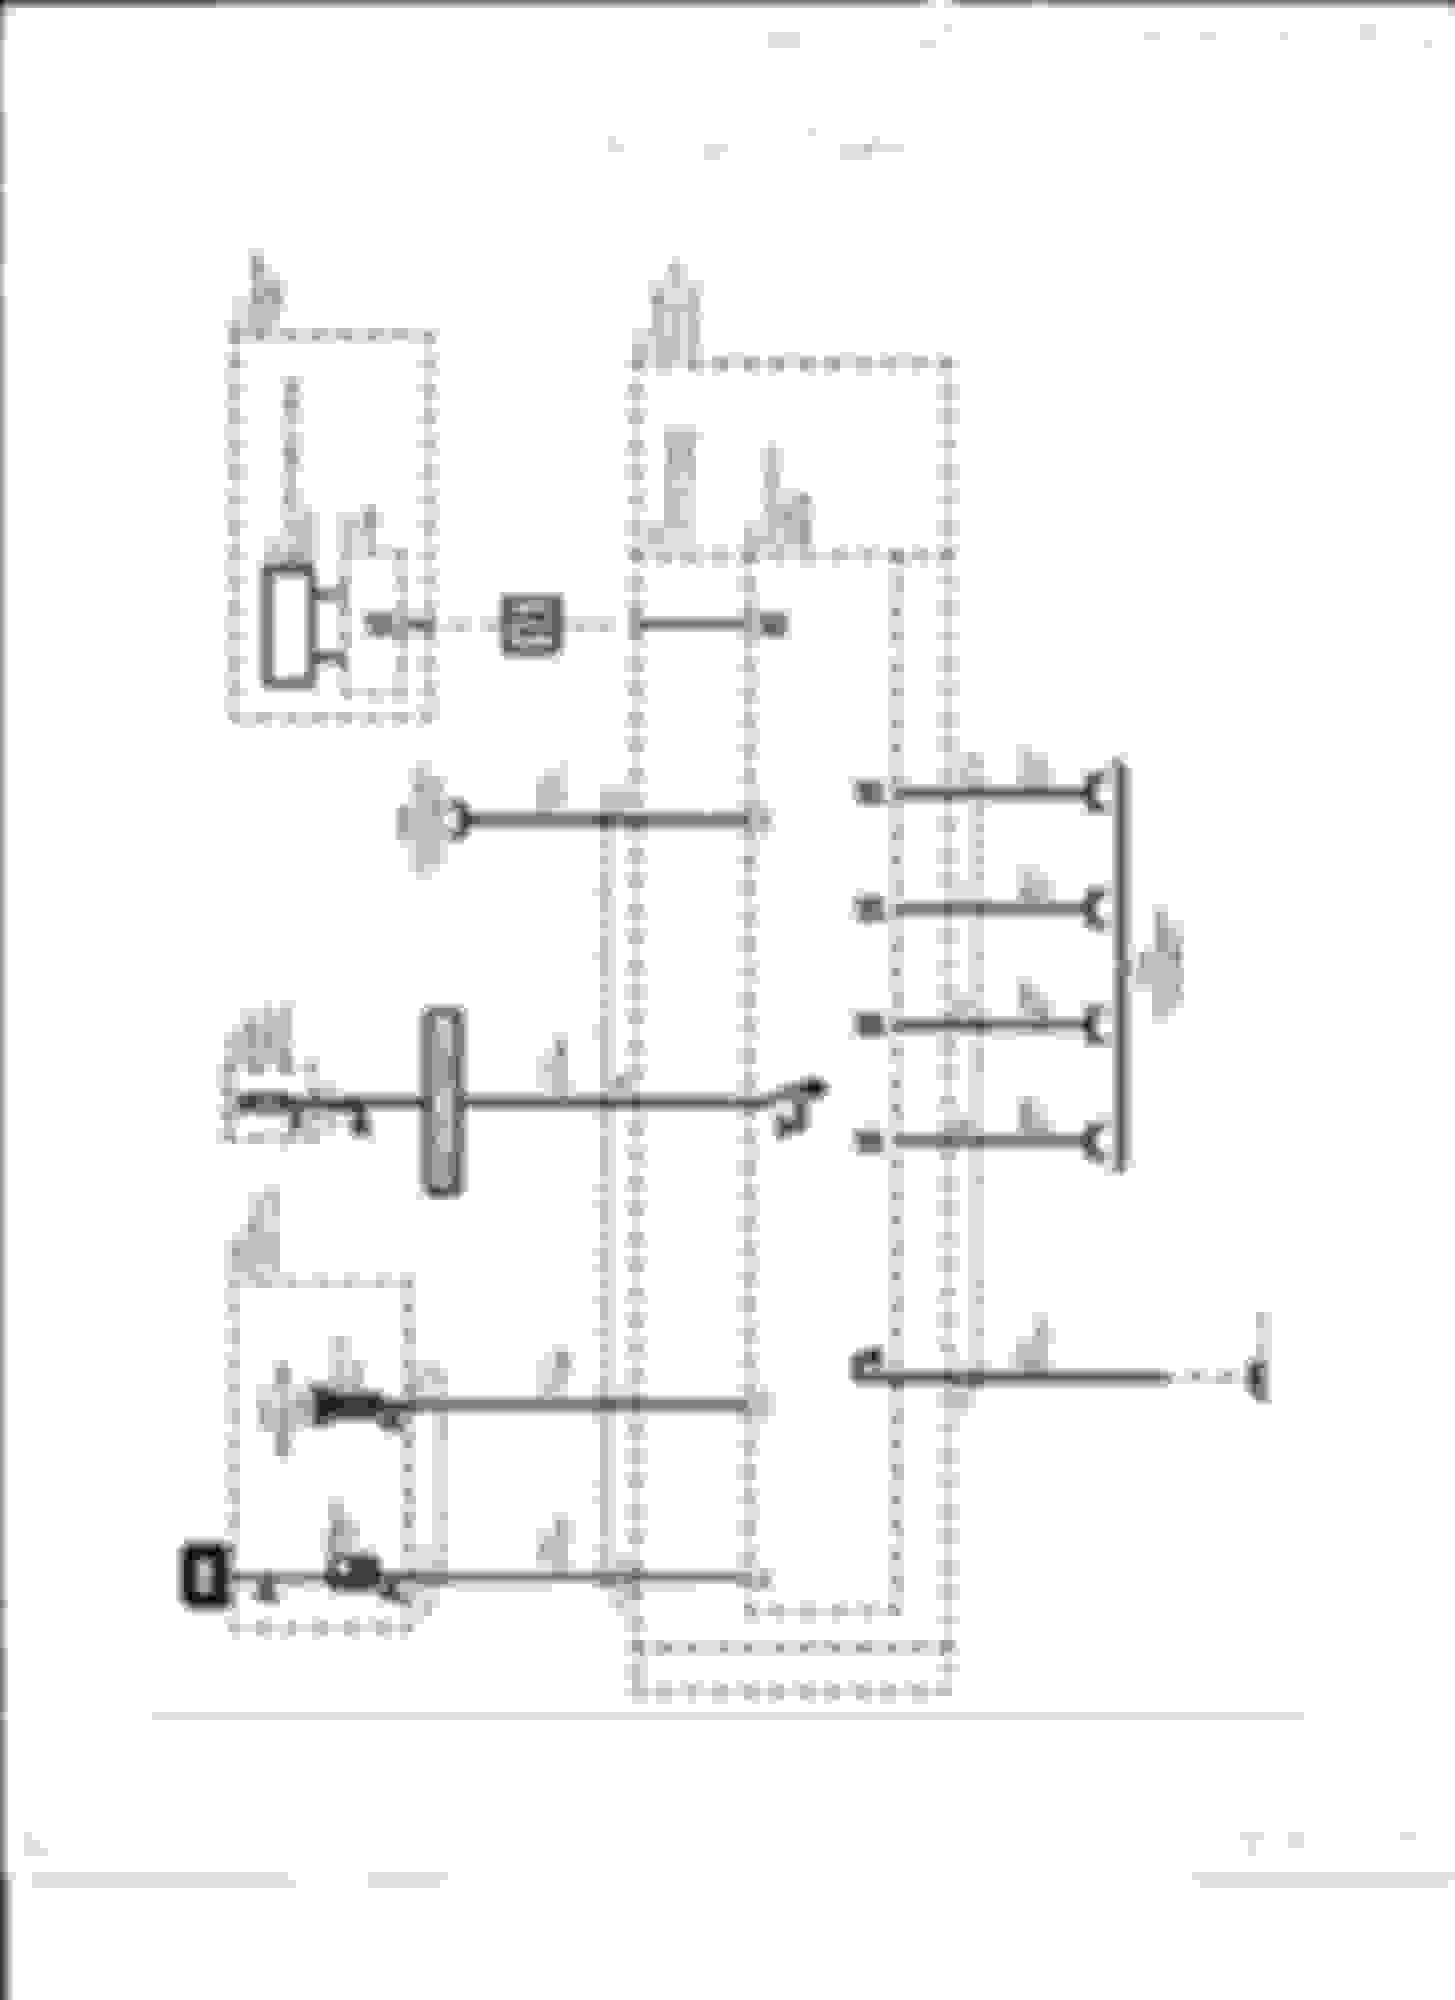 6l80e Transmission Diagram Schematic Diagrams Wire Harness Wiring Thread Ls1tech Camaro And Firebird Forum Discussion 1996 Chevy Silverado Auto